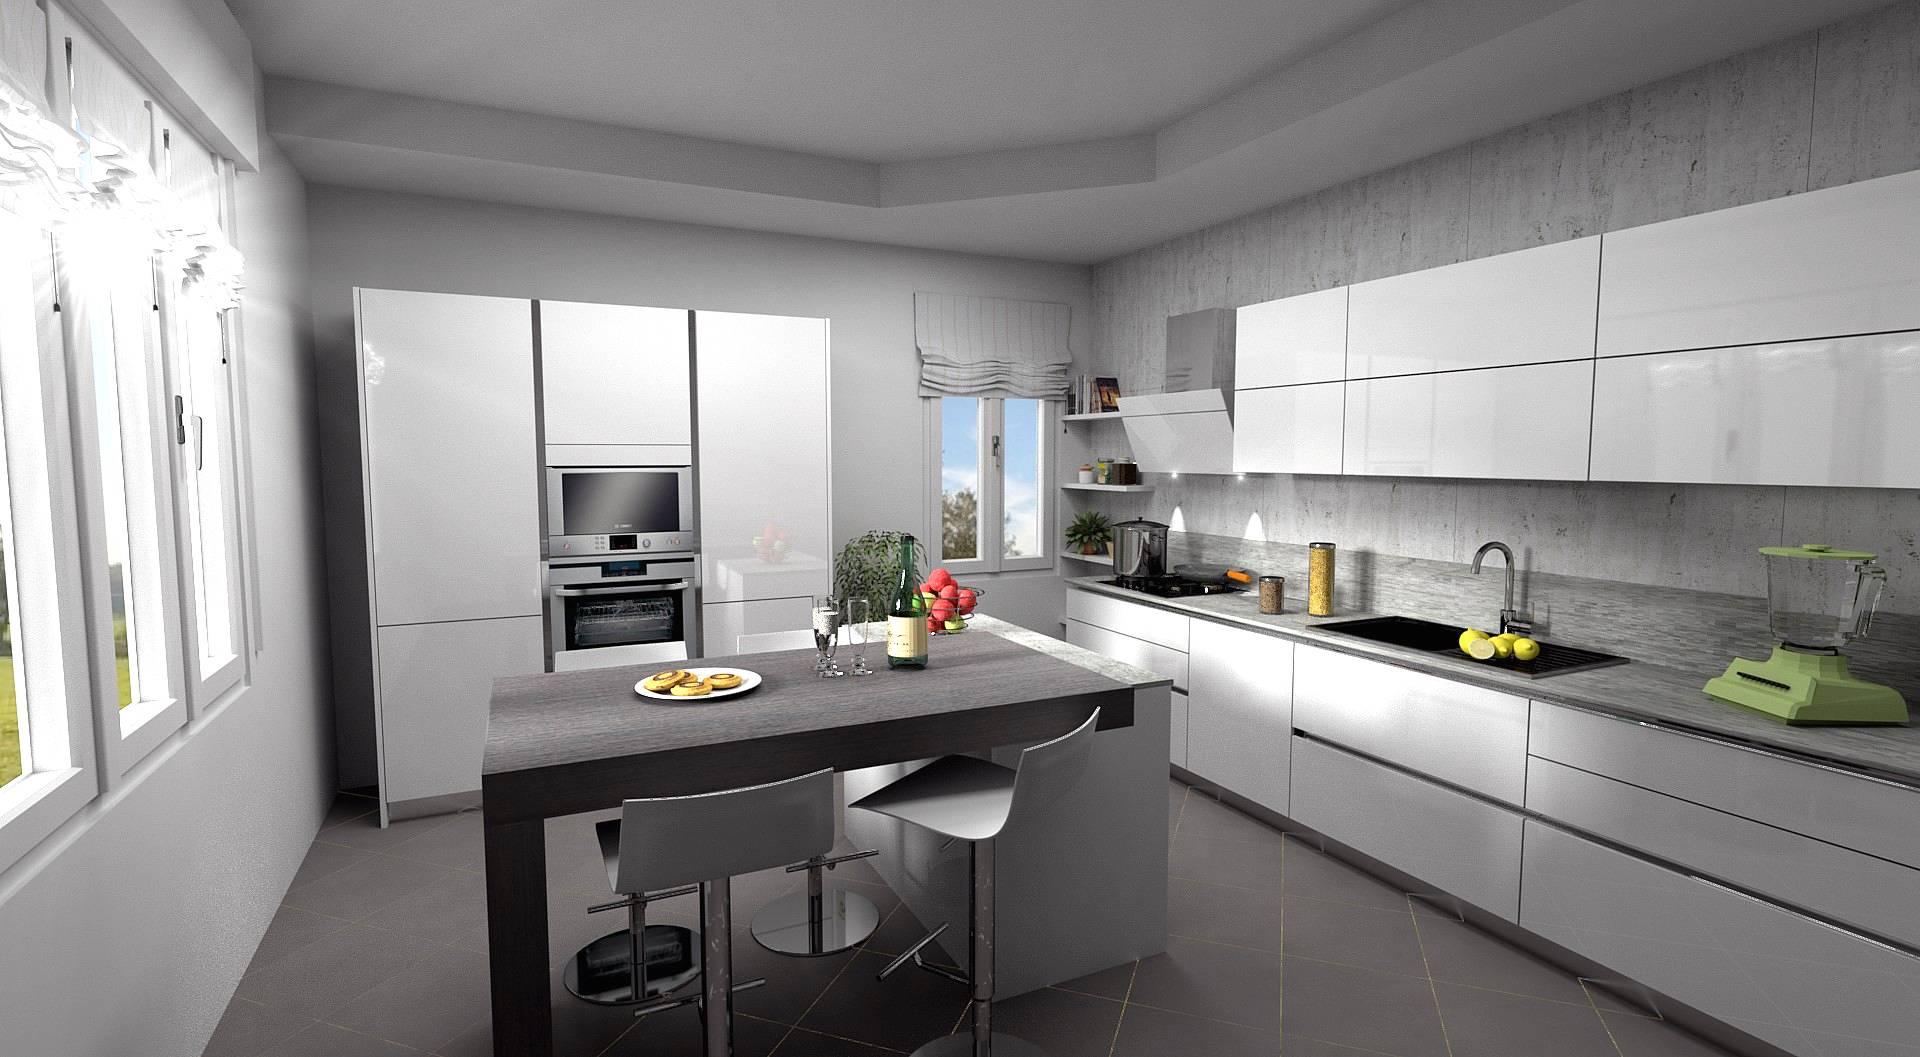 Progettazione personalizzata della tua cucina su misura - Clara Cucine